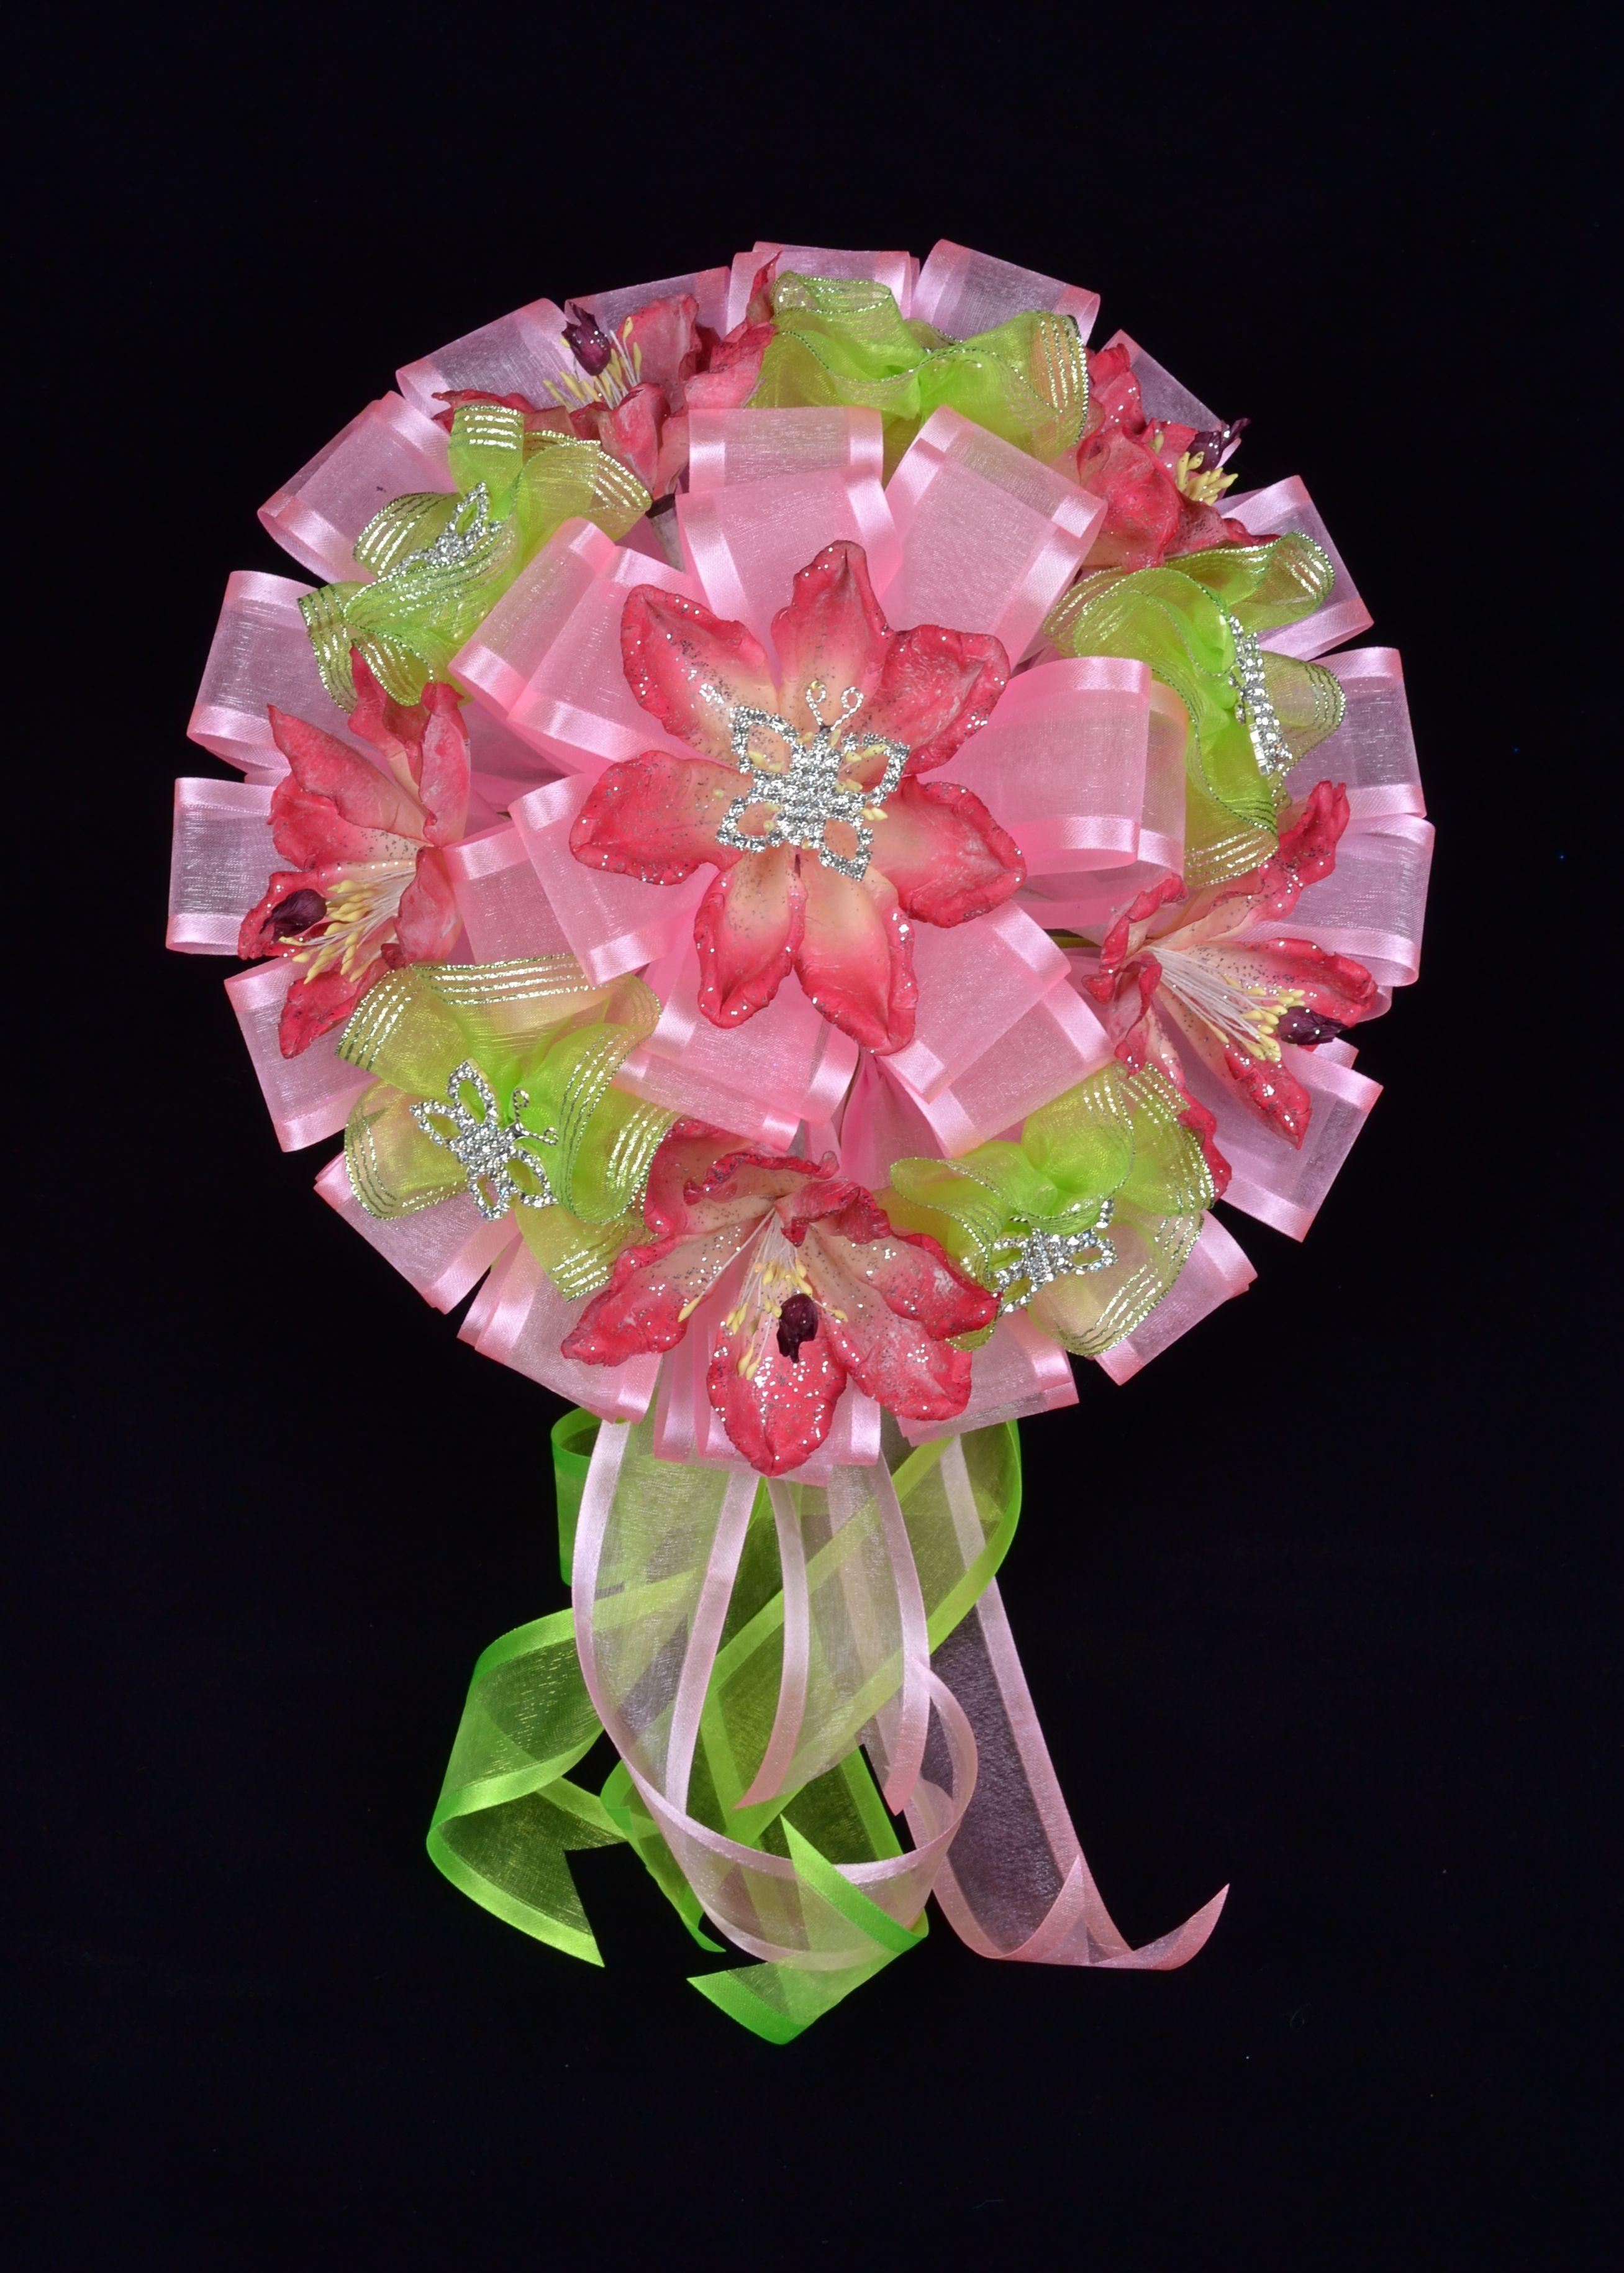 Pink flower bouquet flowerbouquet misquince quince sweetfifteen pink flower bouquet flowerbouquet misquince quince sweetfifteen sweetxv pink green izmirmasajfo